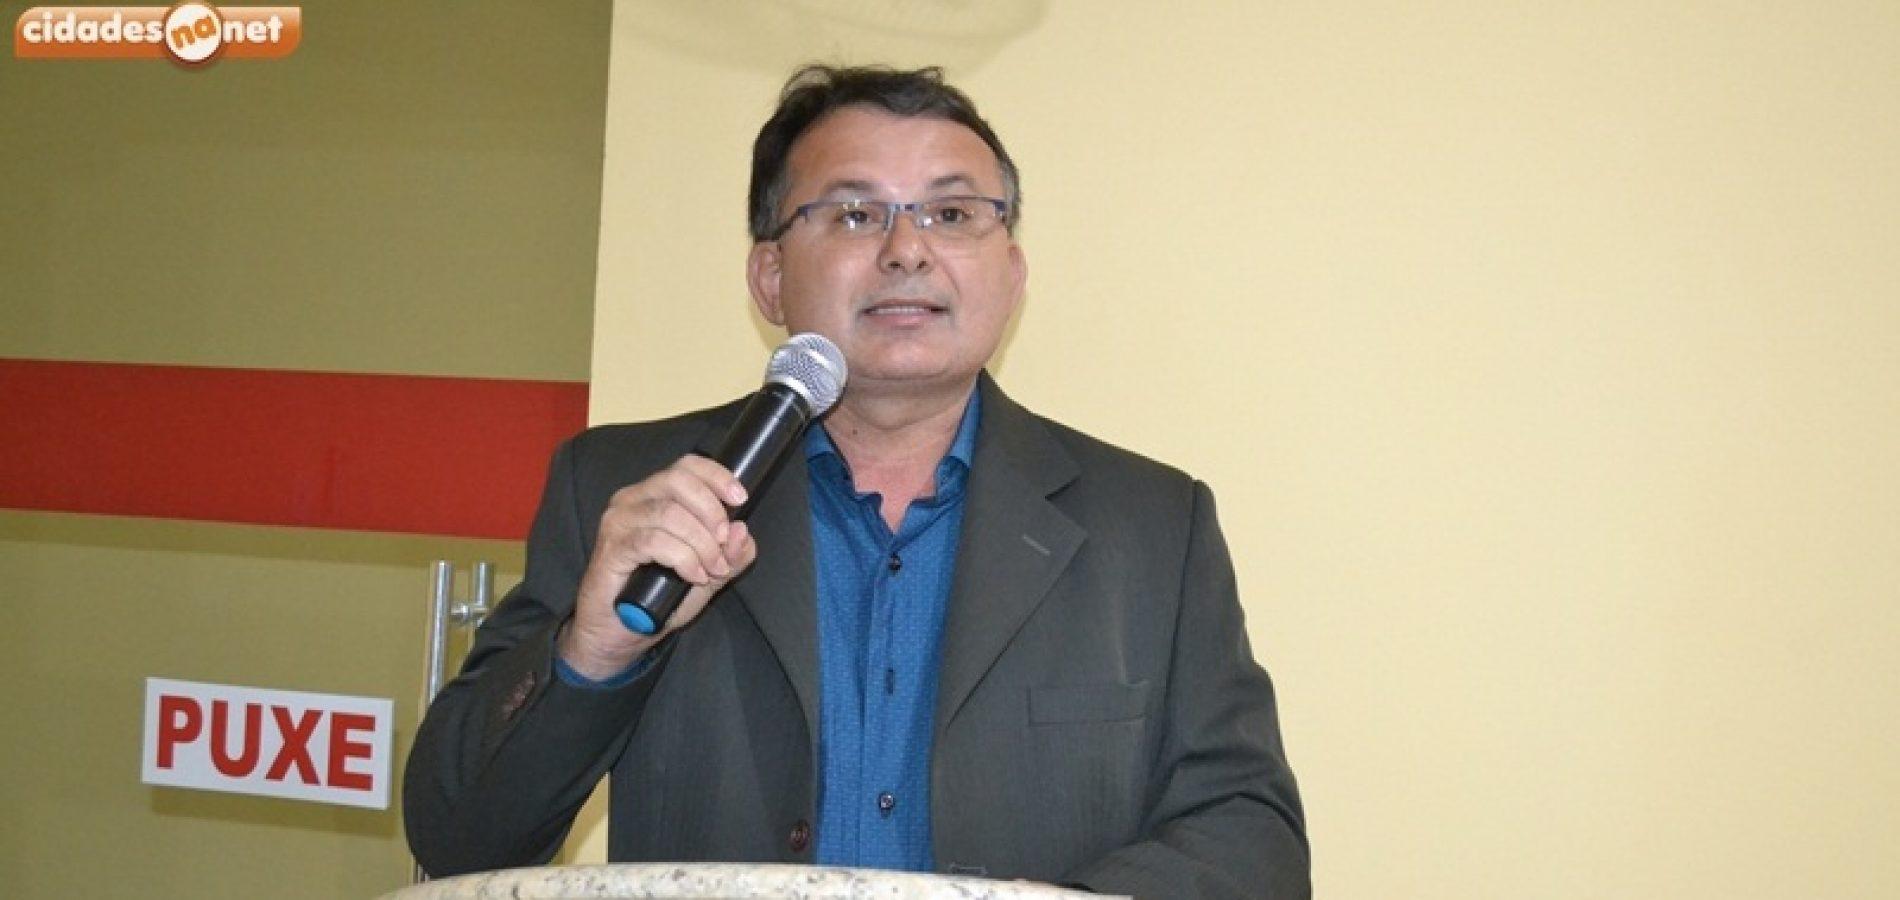 Câmara de Belém do Piauí divulga pauta da sessão desta sexta-feira (08)